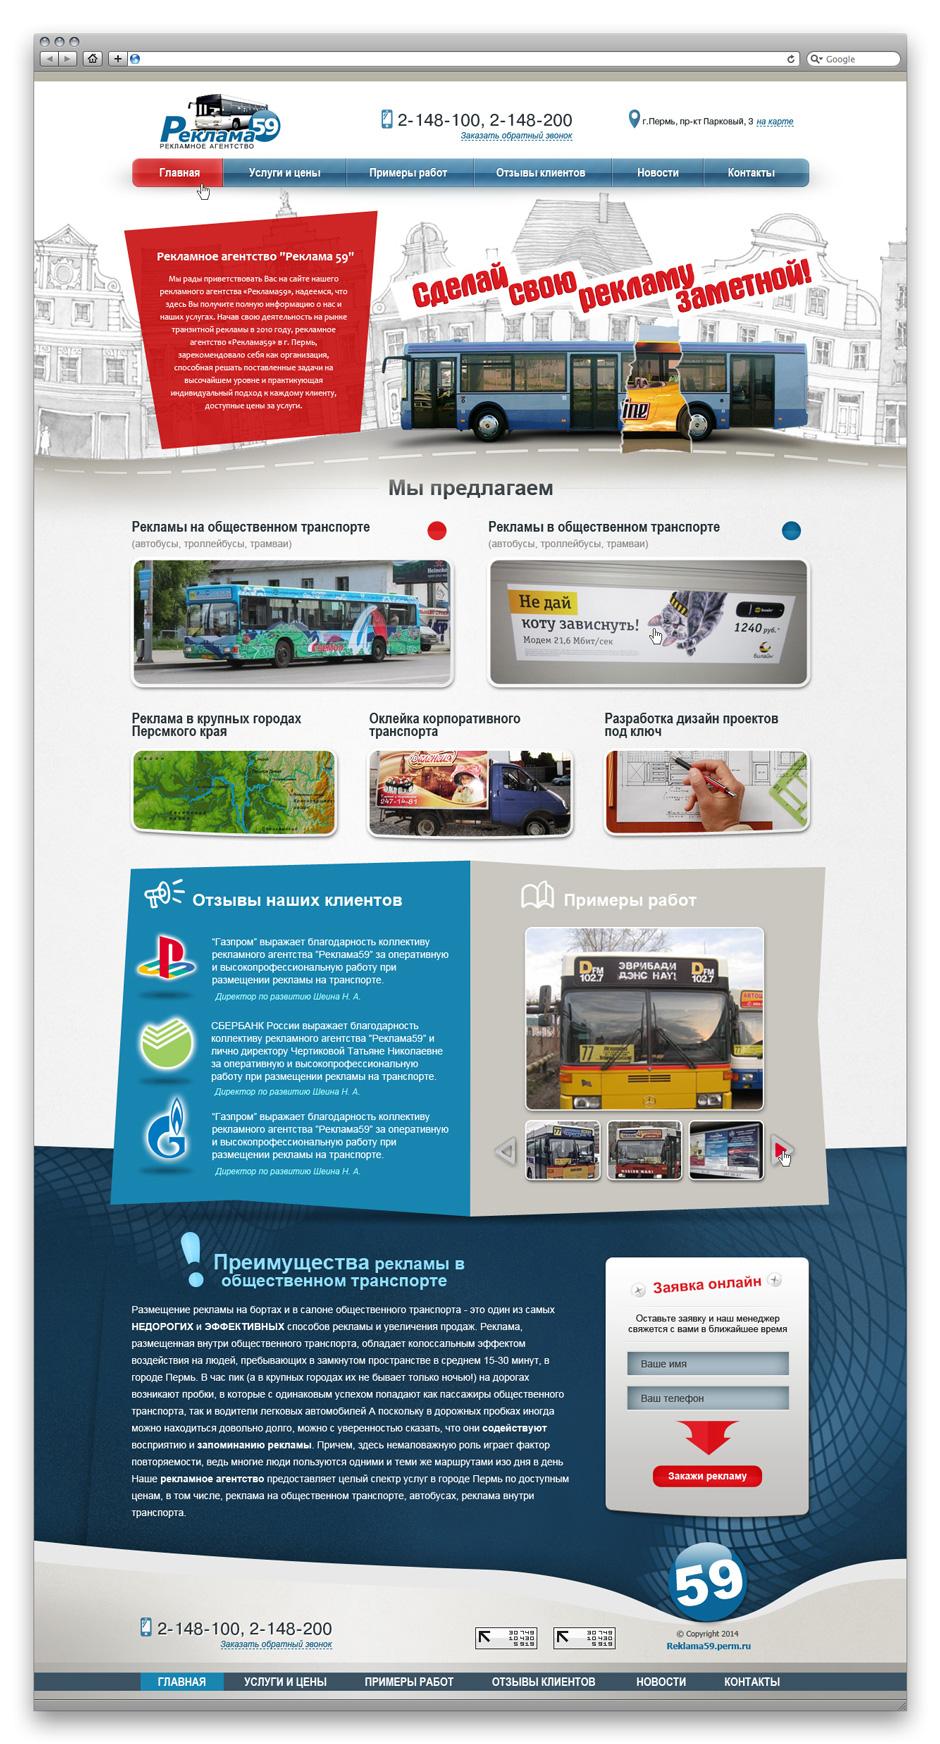 Сайт Реклама59